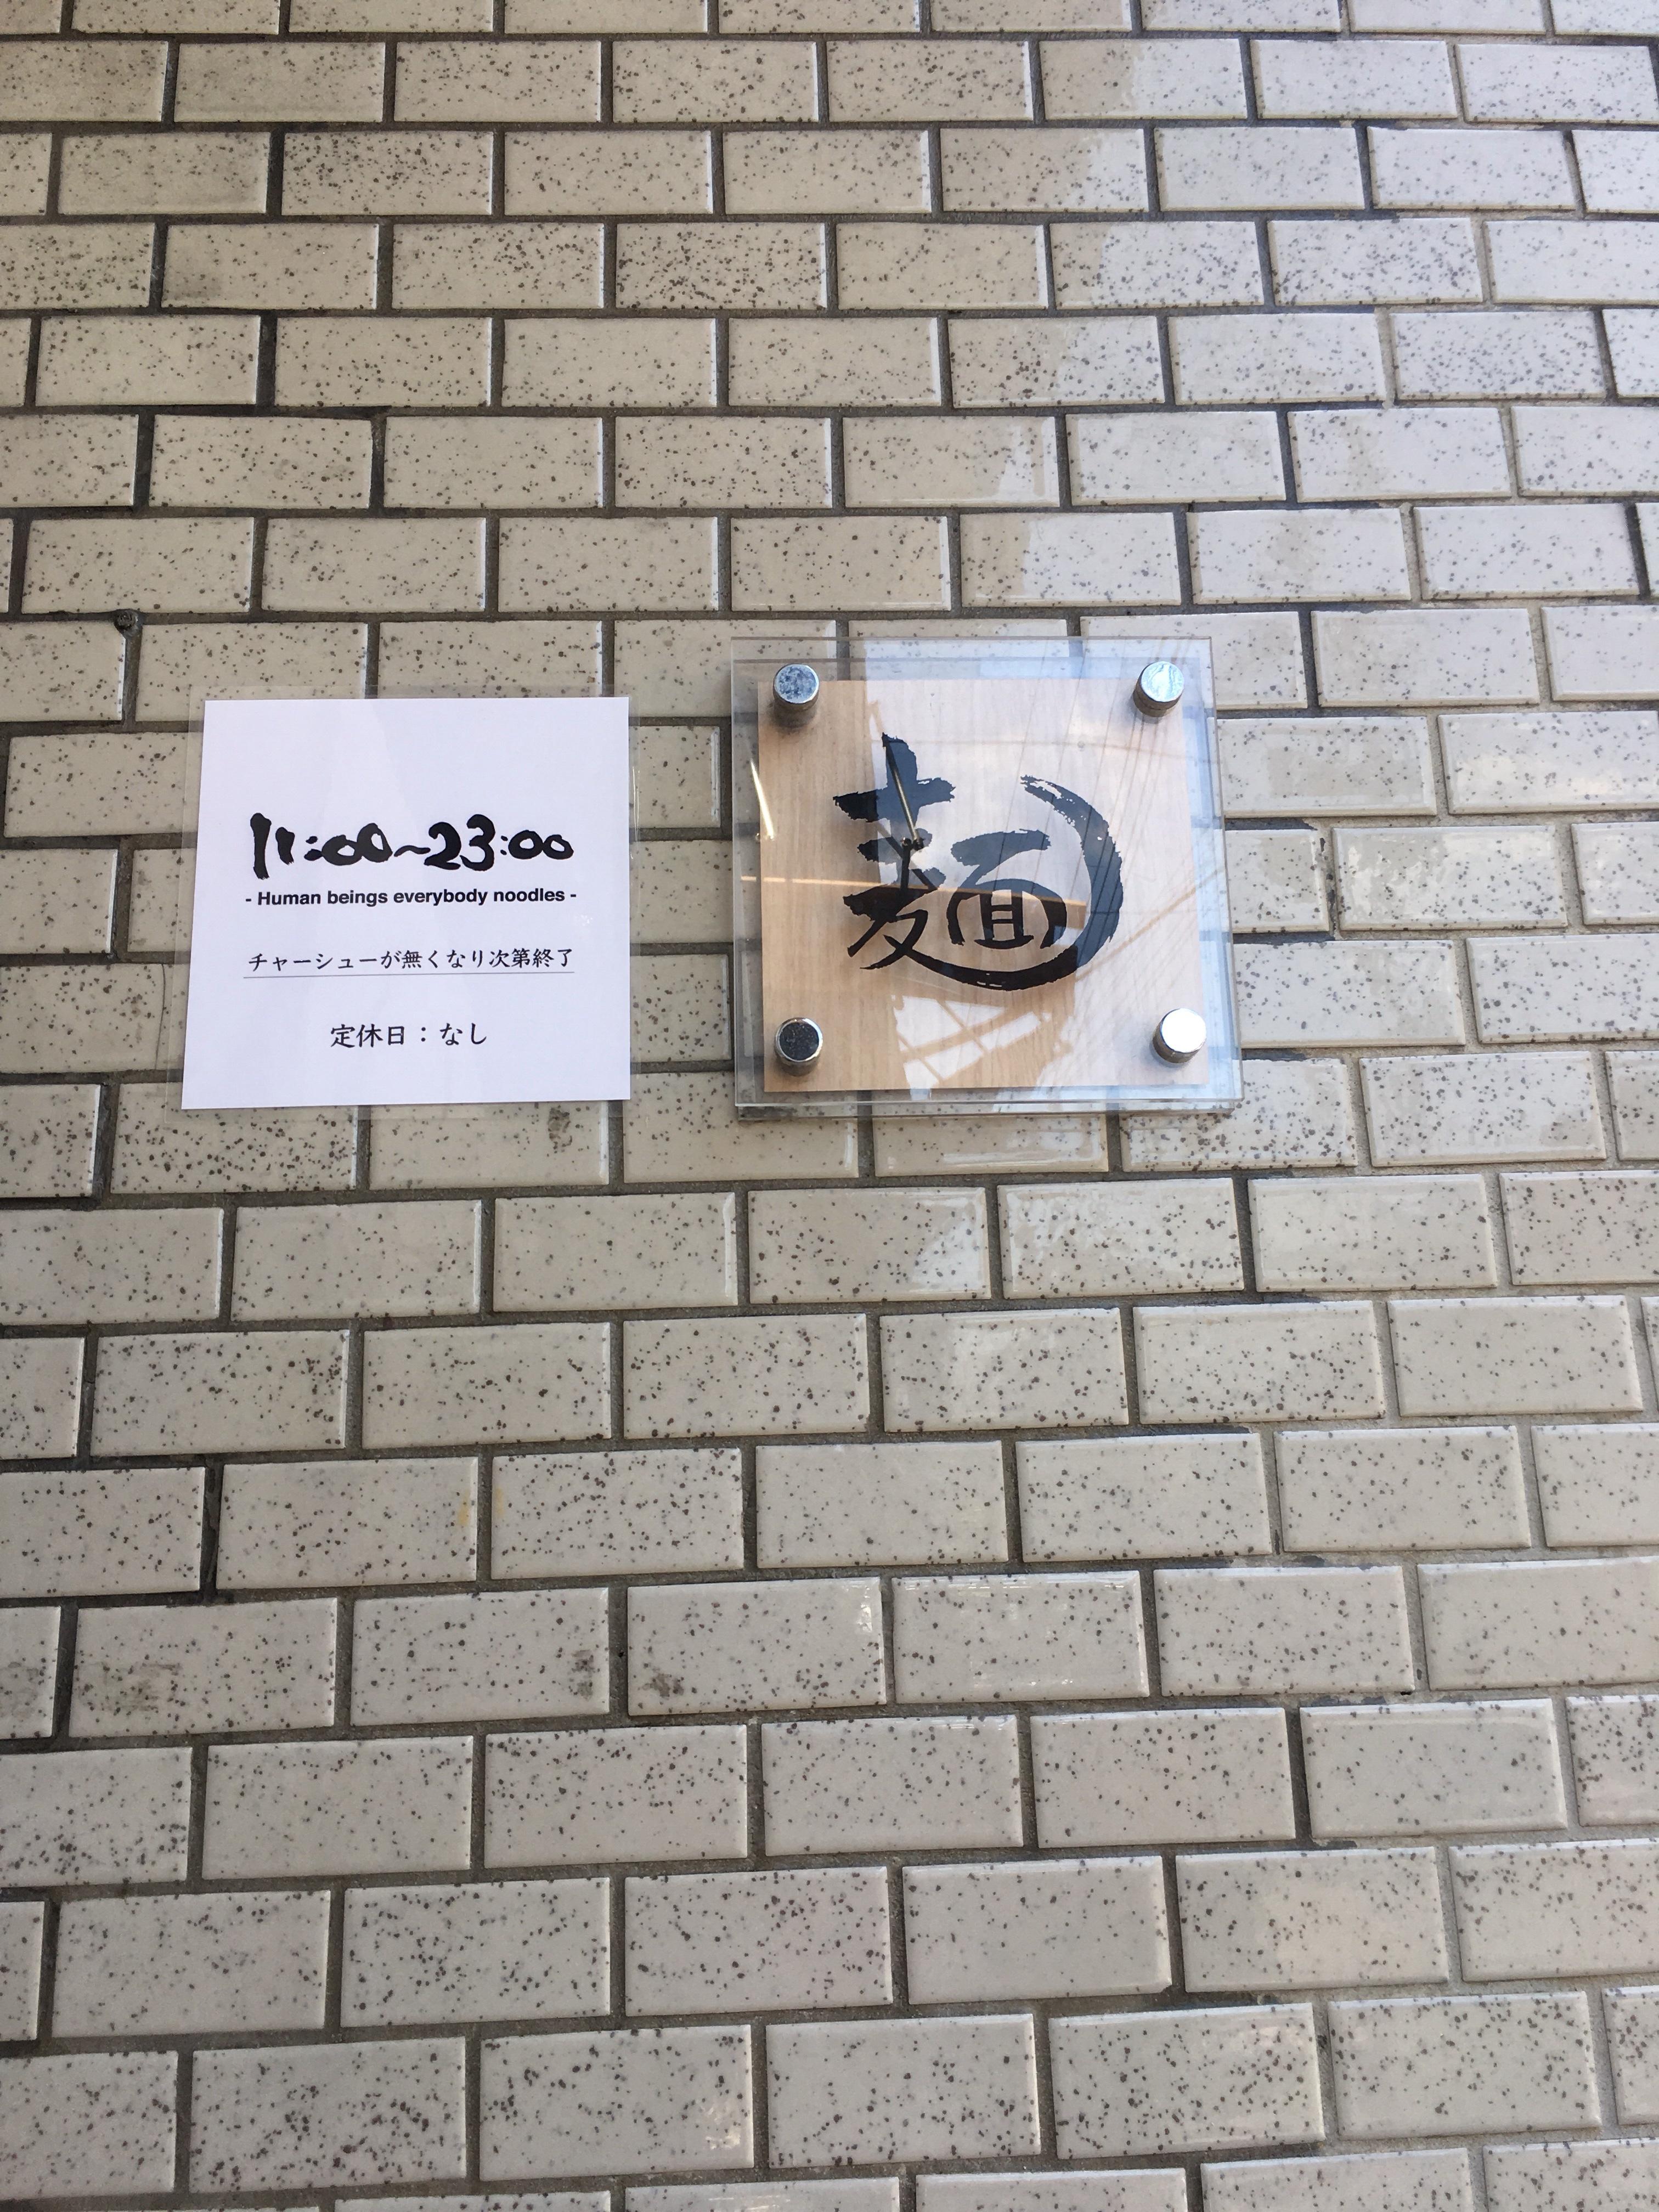 大阪のラーメン。『人類みな麺類』さんに行ってみる。